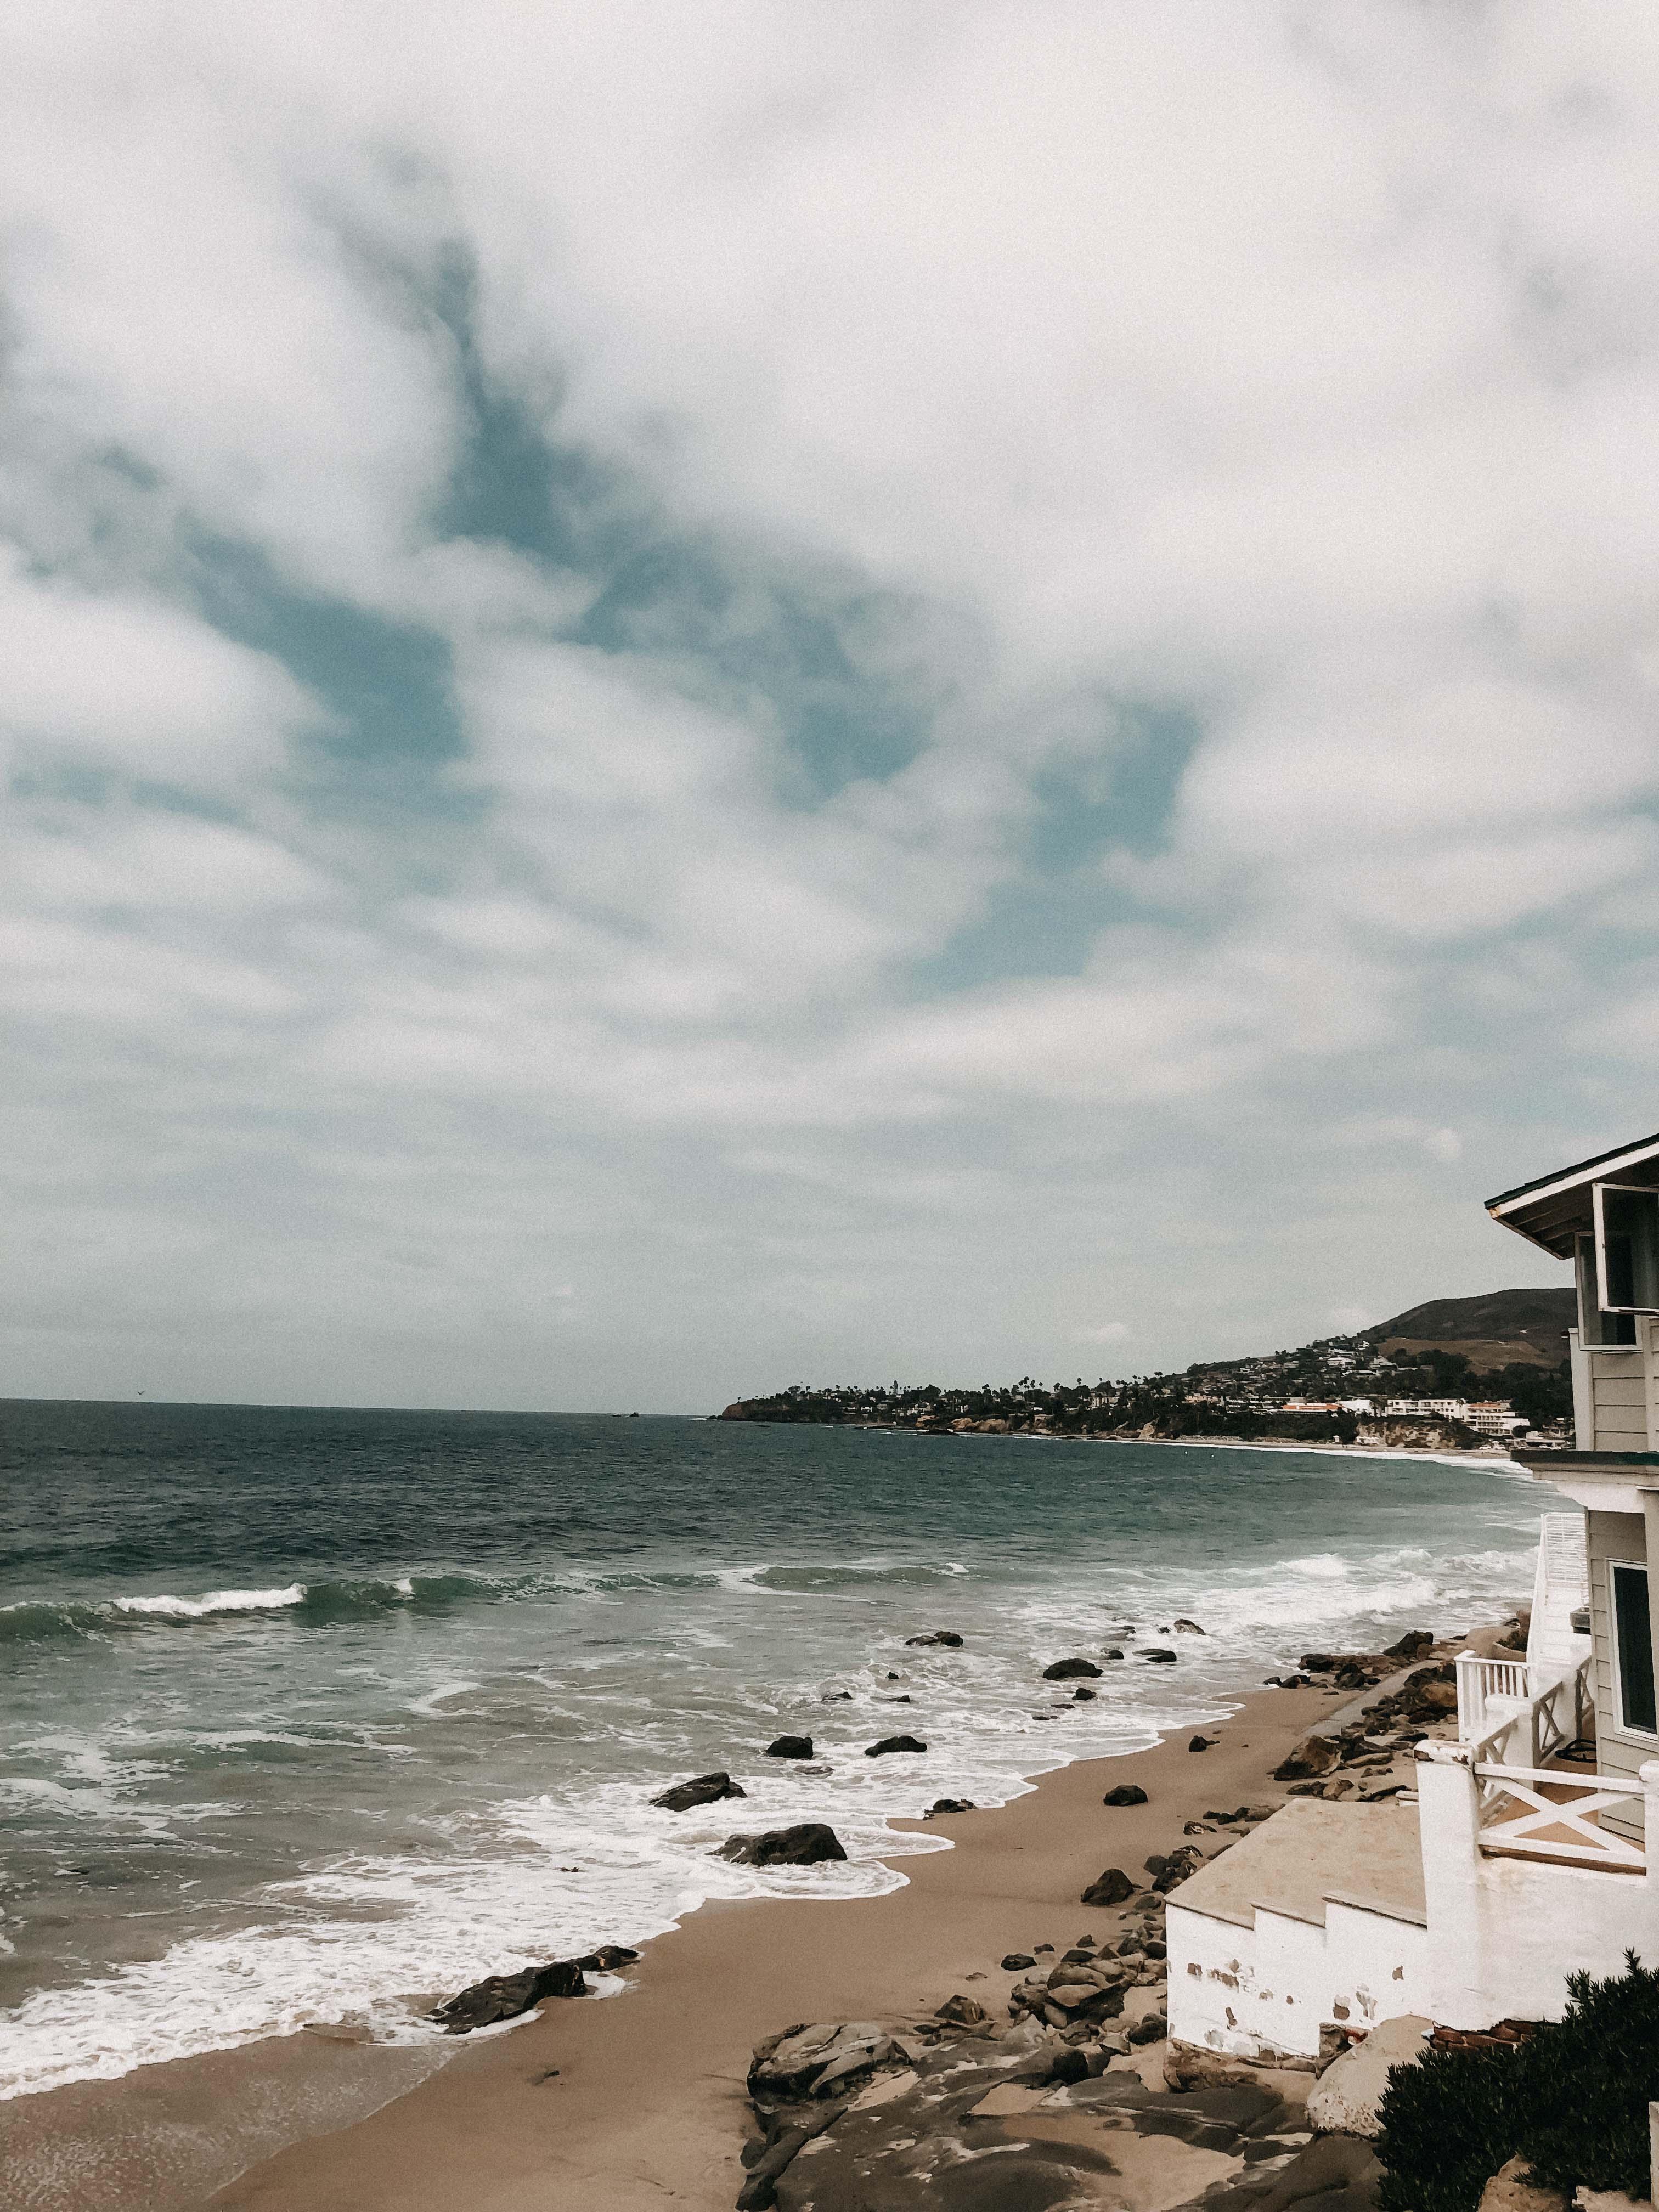 Top Insider Tipps Los Angeles Laguna Beach Traumstrände LA beste Strände Tipp bester Strand